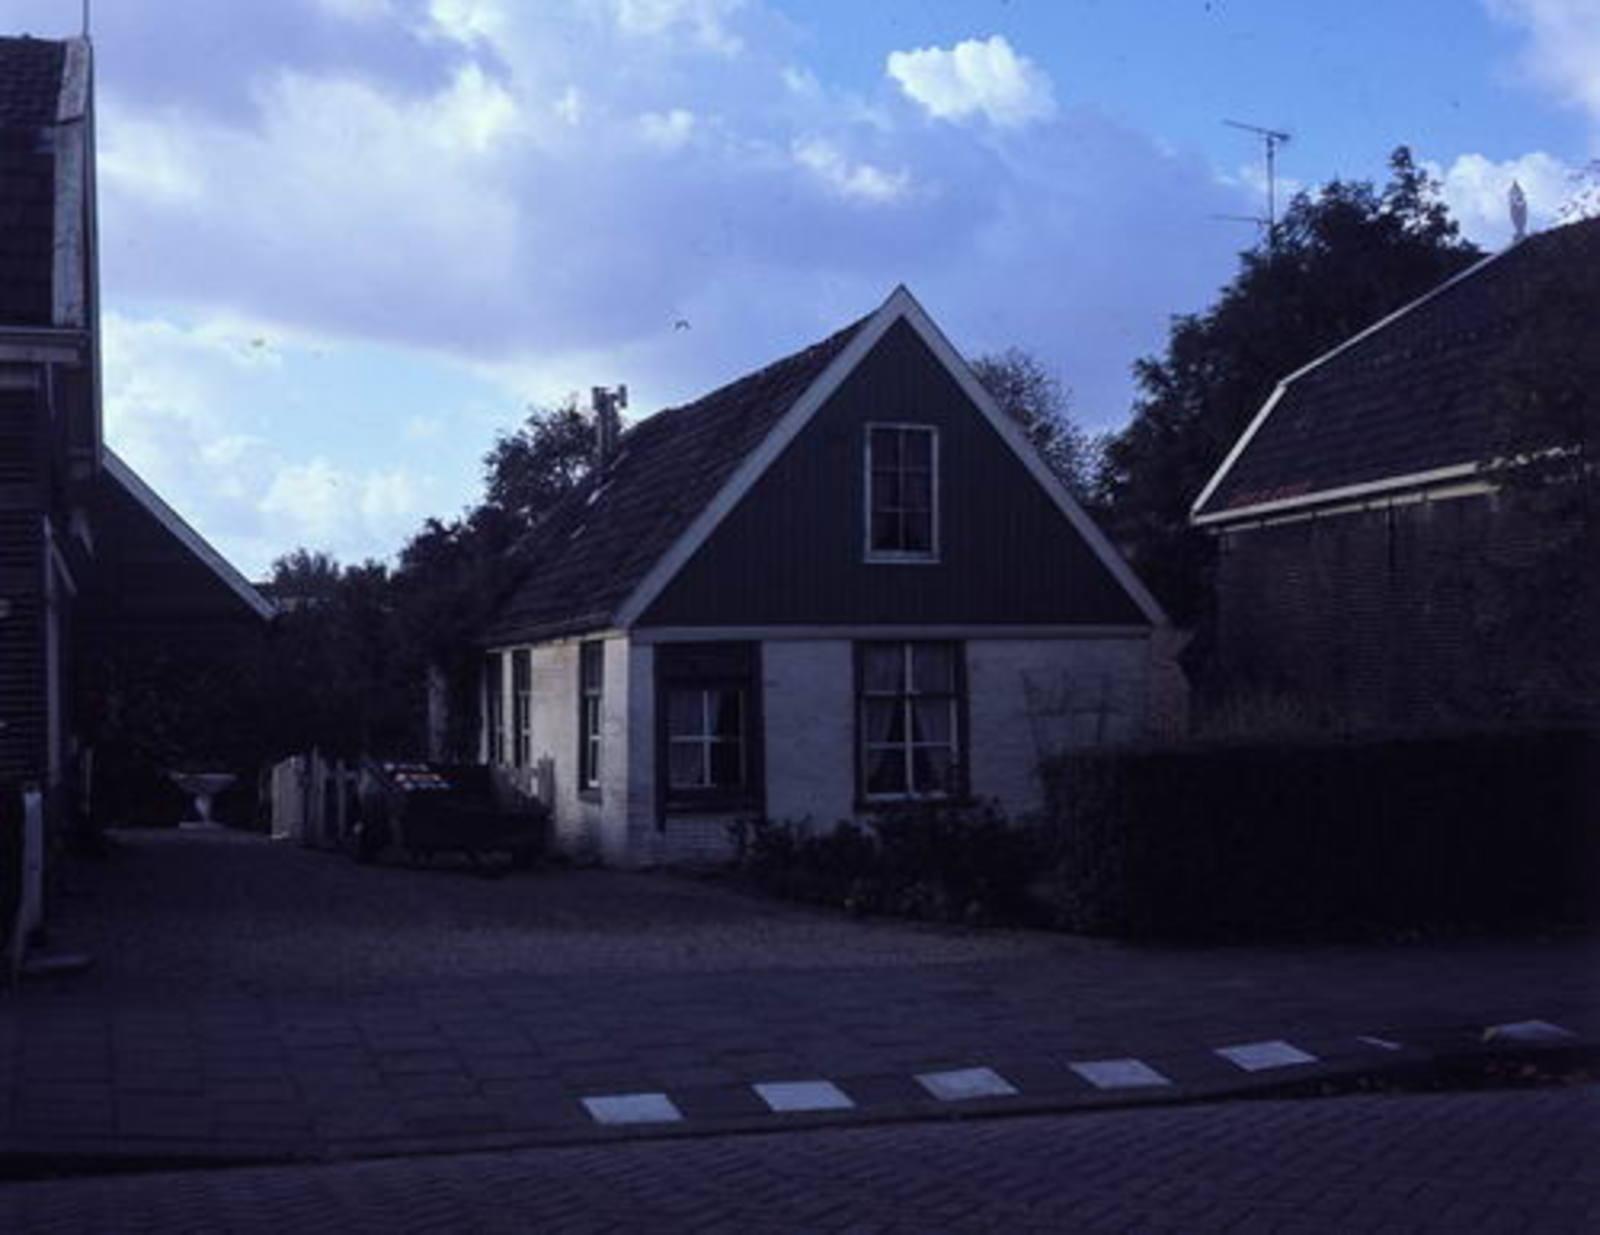 Vijfhuizerweg Z 0536 1979 Huize Godvliet